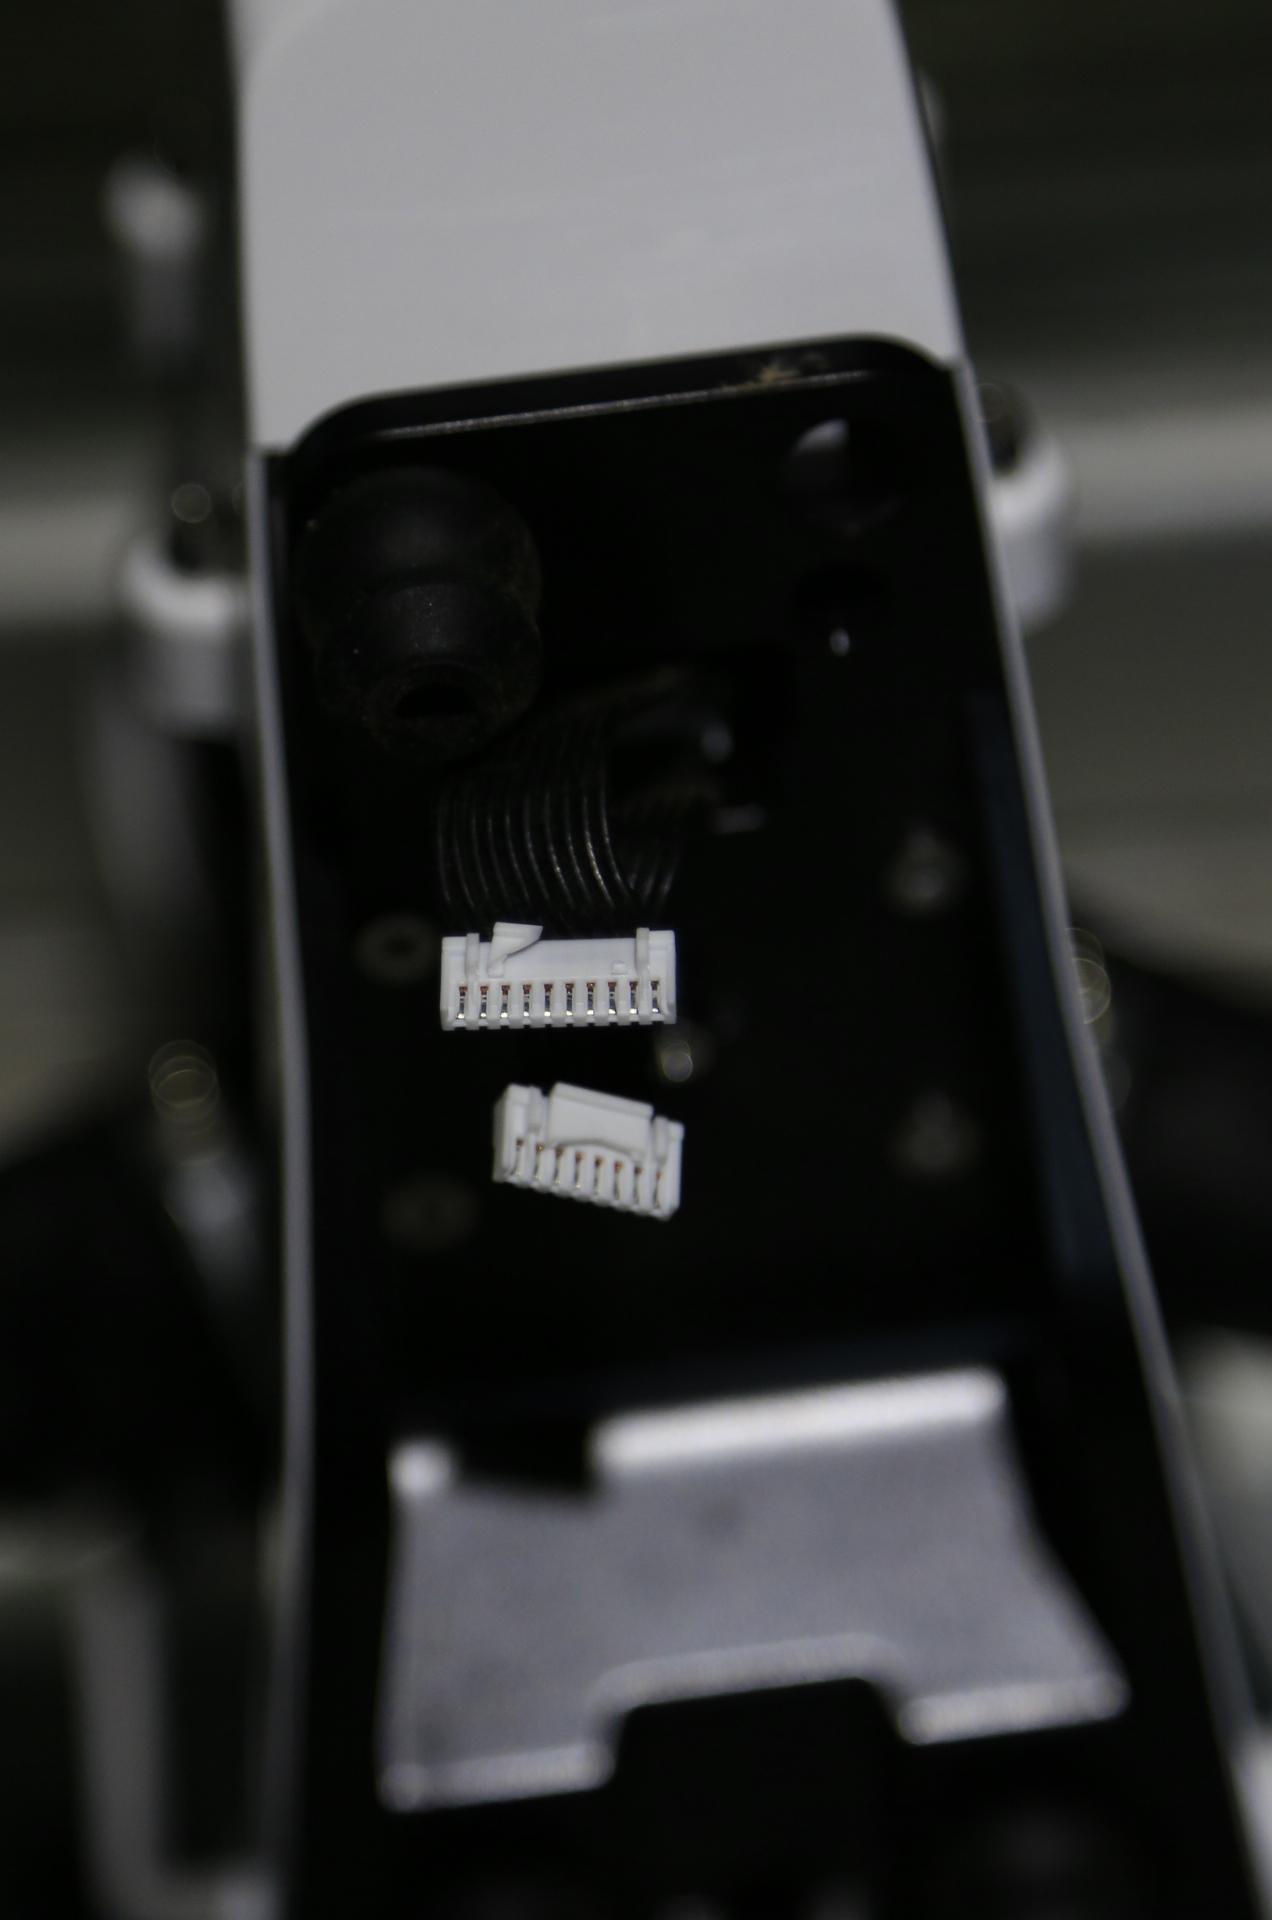 这个排线插是否坏掉了?